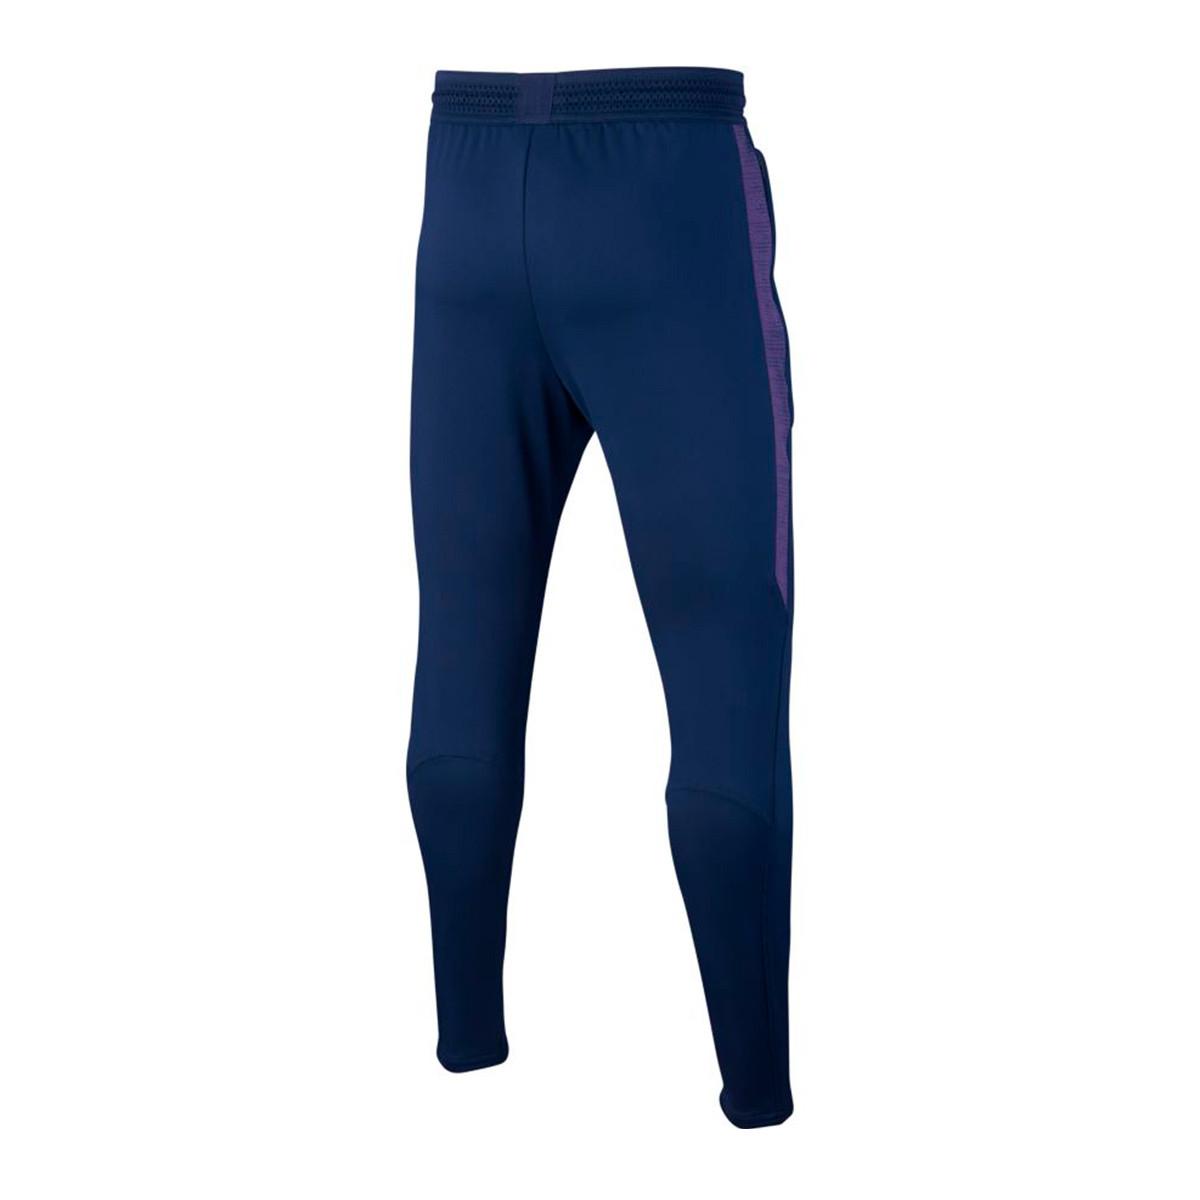 pantaloni nike 2019